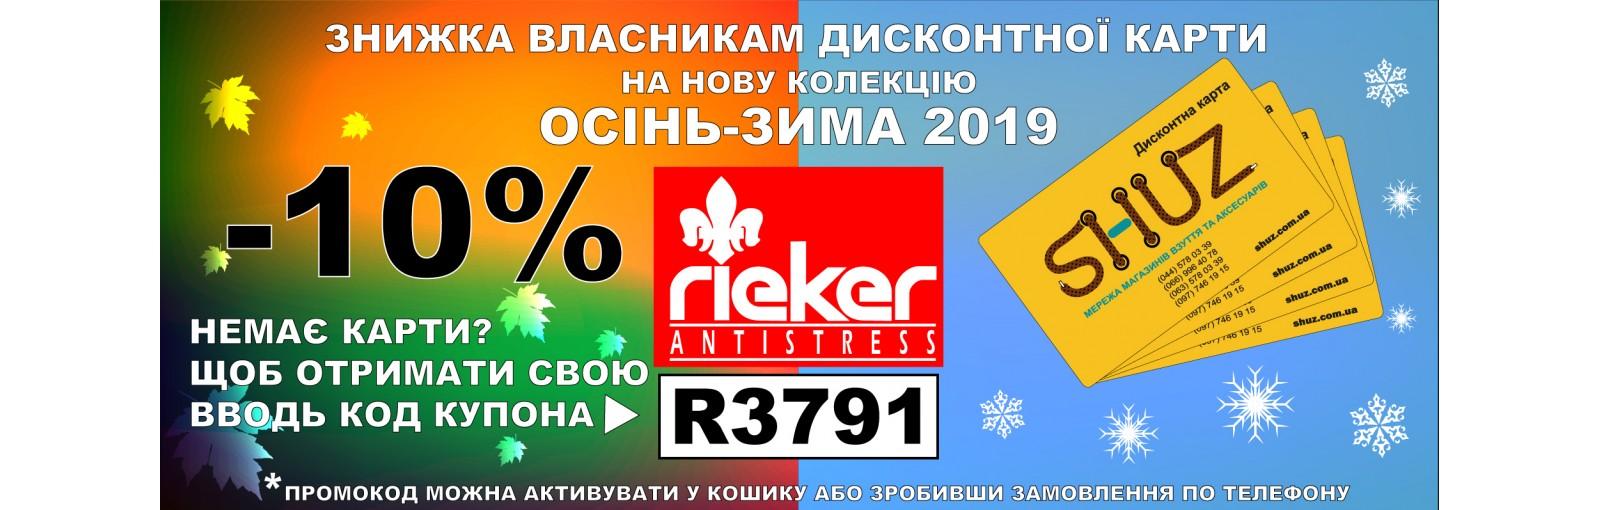 rieker coupon -10%